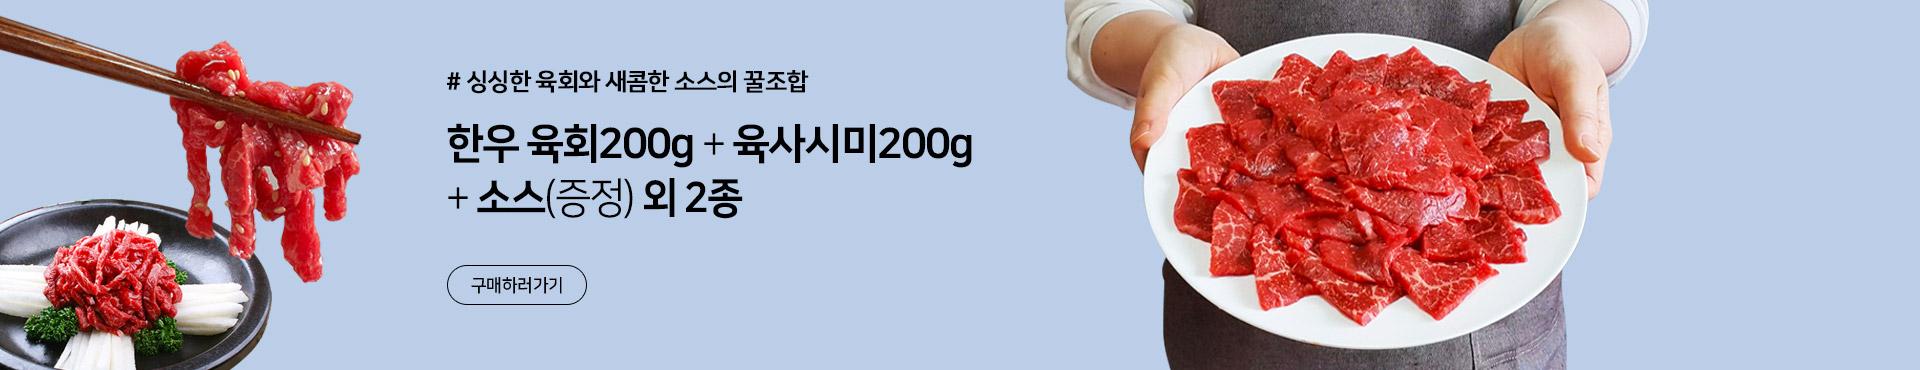 신선한 한우육회200g+200g+소스증정